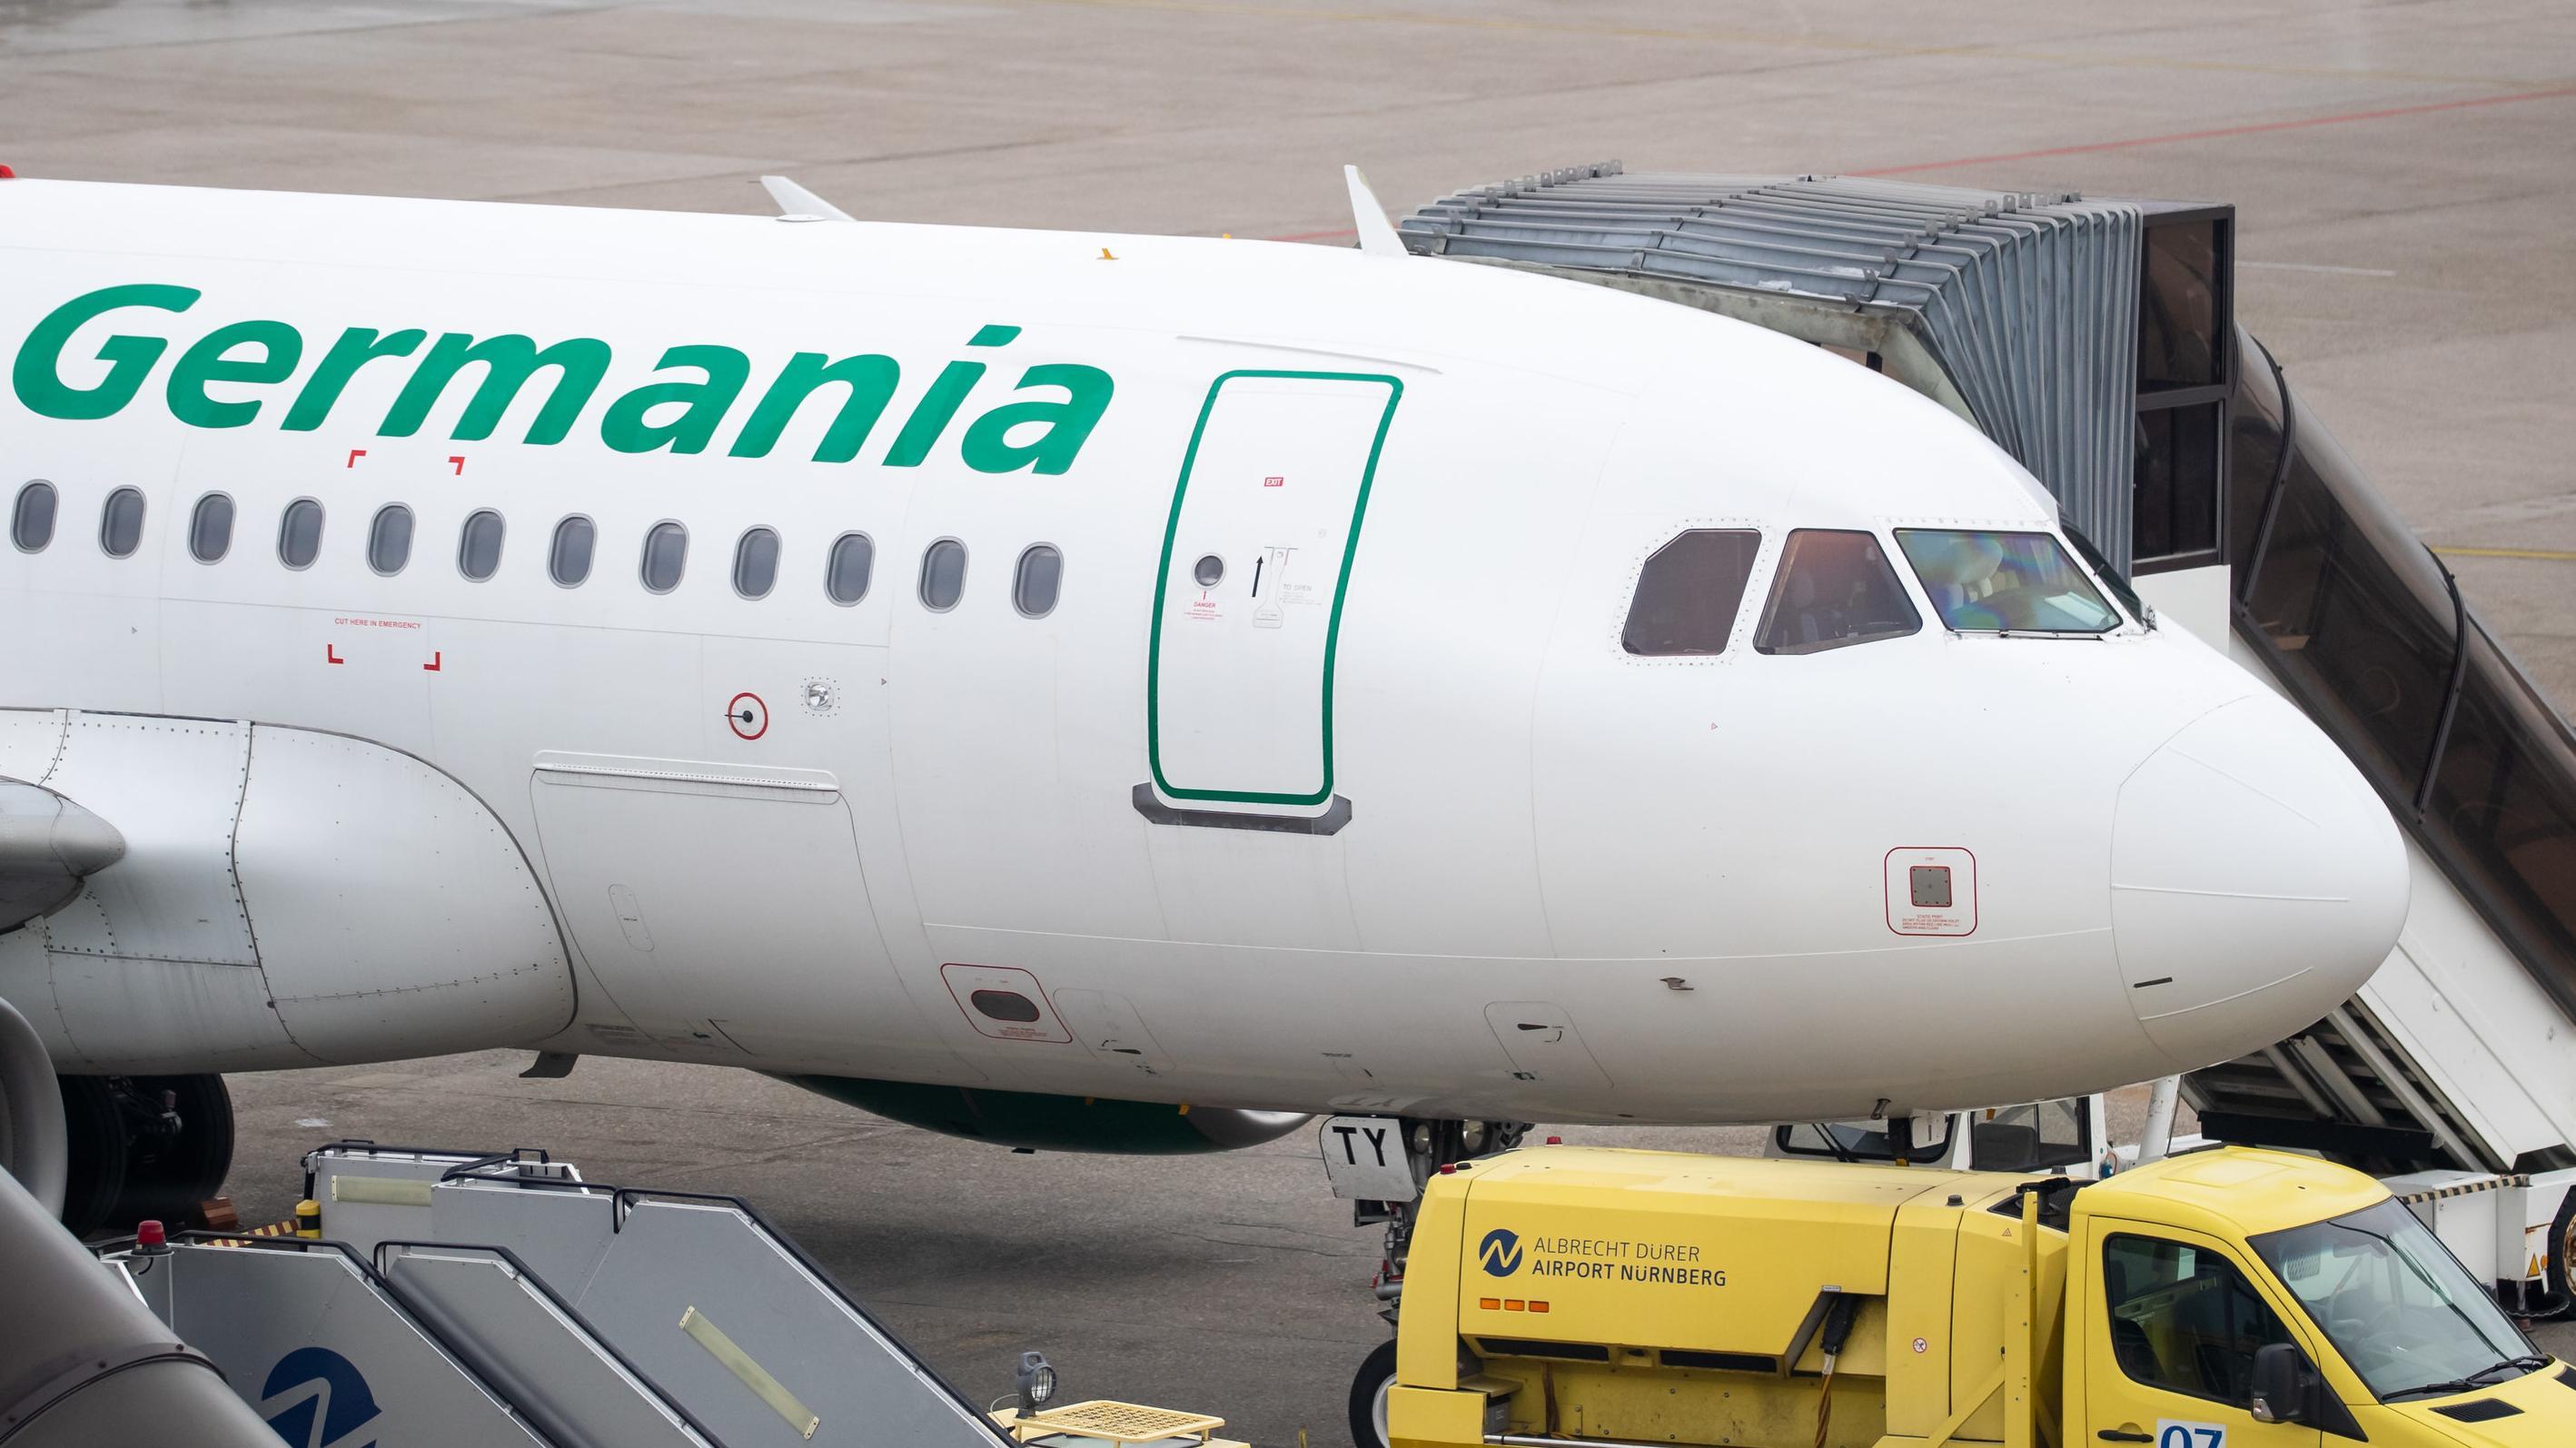 Flugzeug der Germania steht auf dem Rollfeld des Airports in Nürnberg